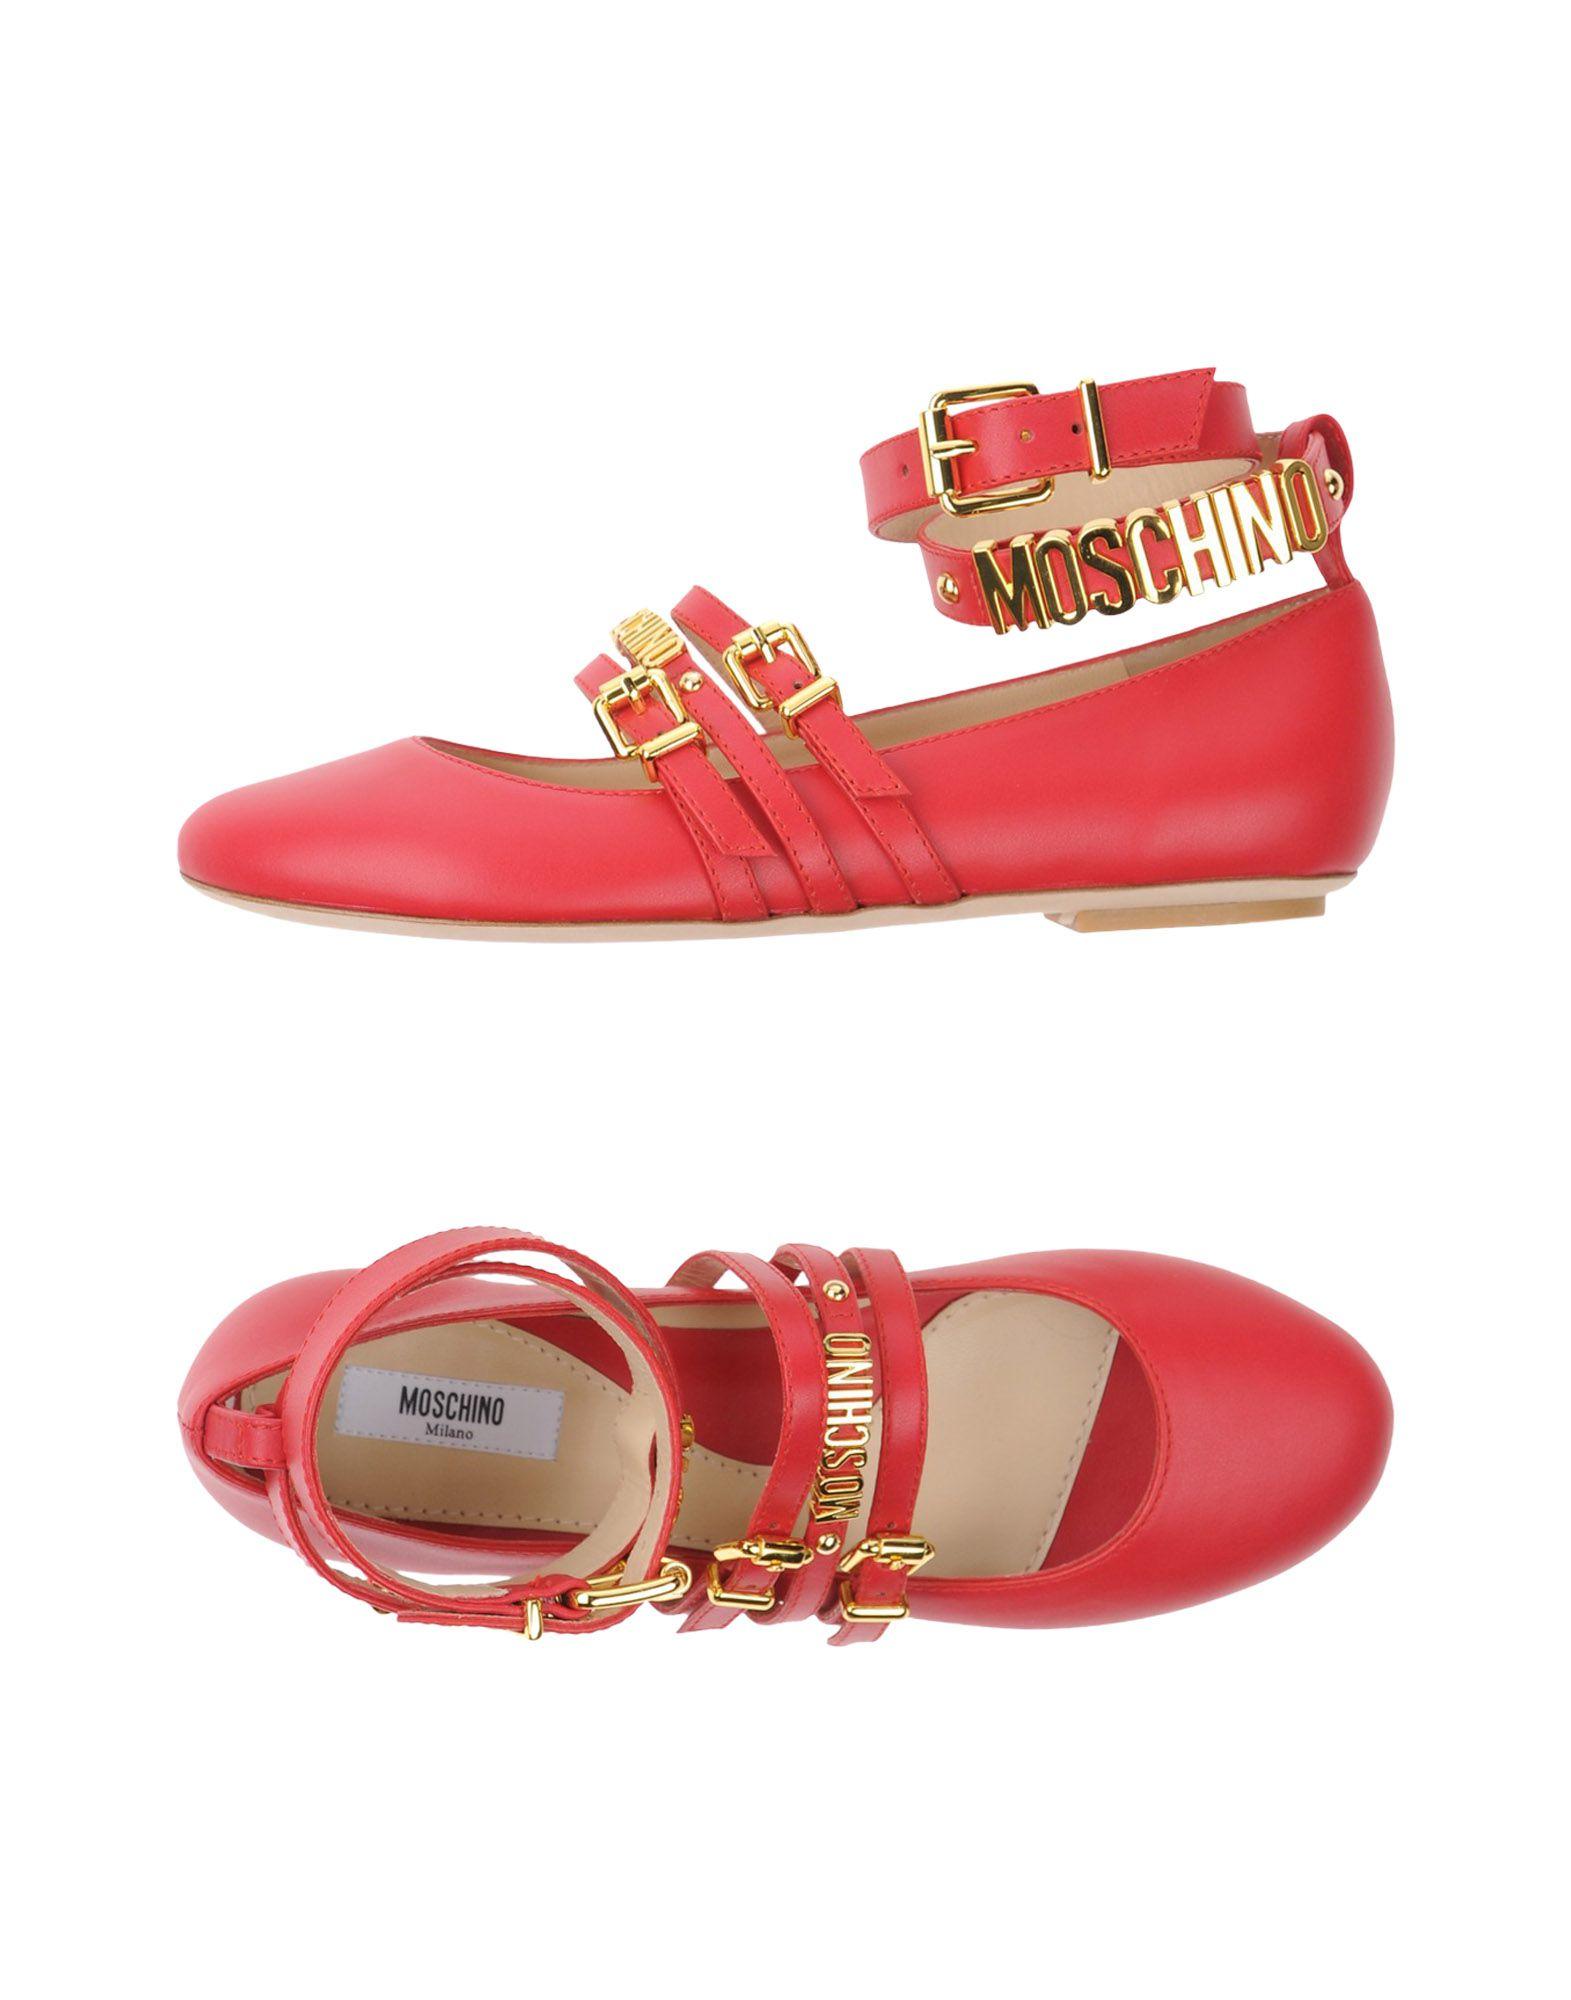 Stilvolle billige Schuhe Moschino Ballerinas 11326592SV Damen  11326592SV Ballerinas c2cc49